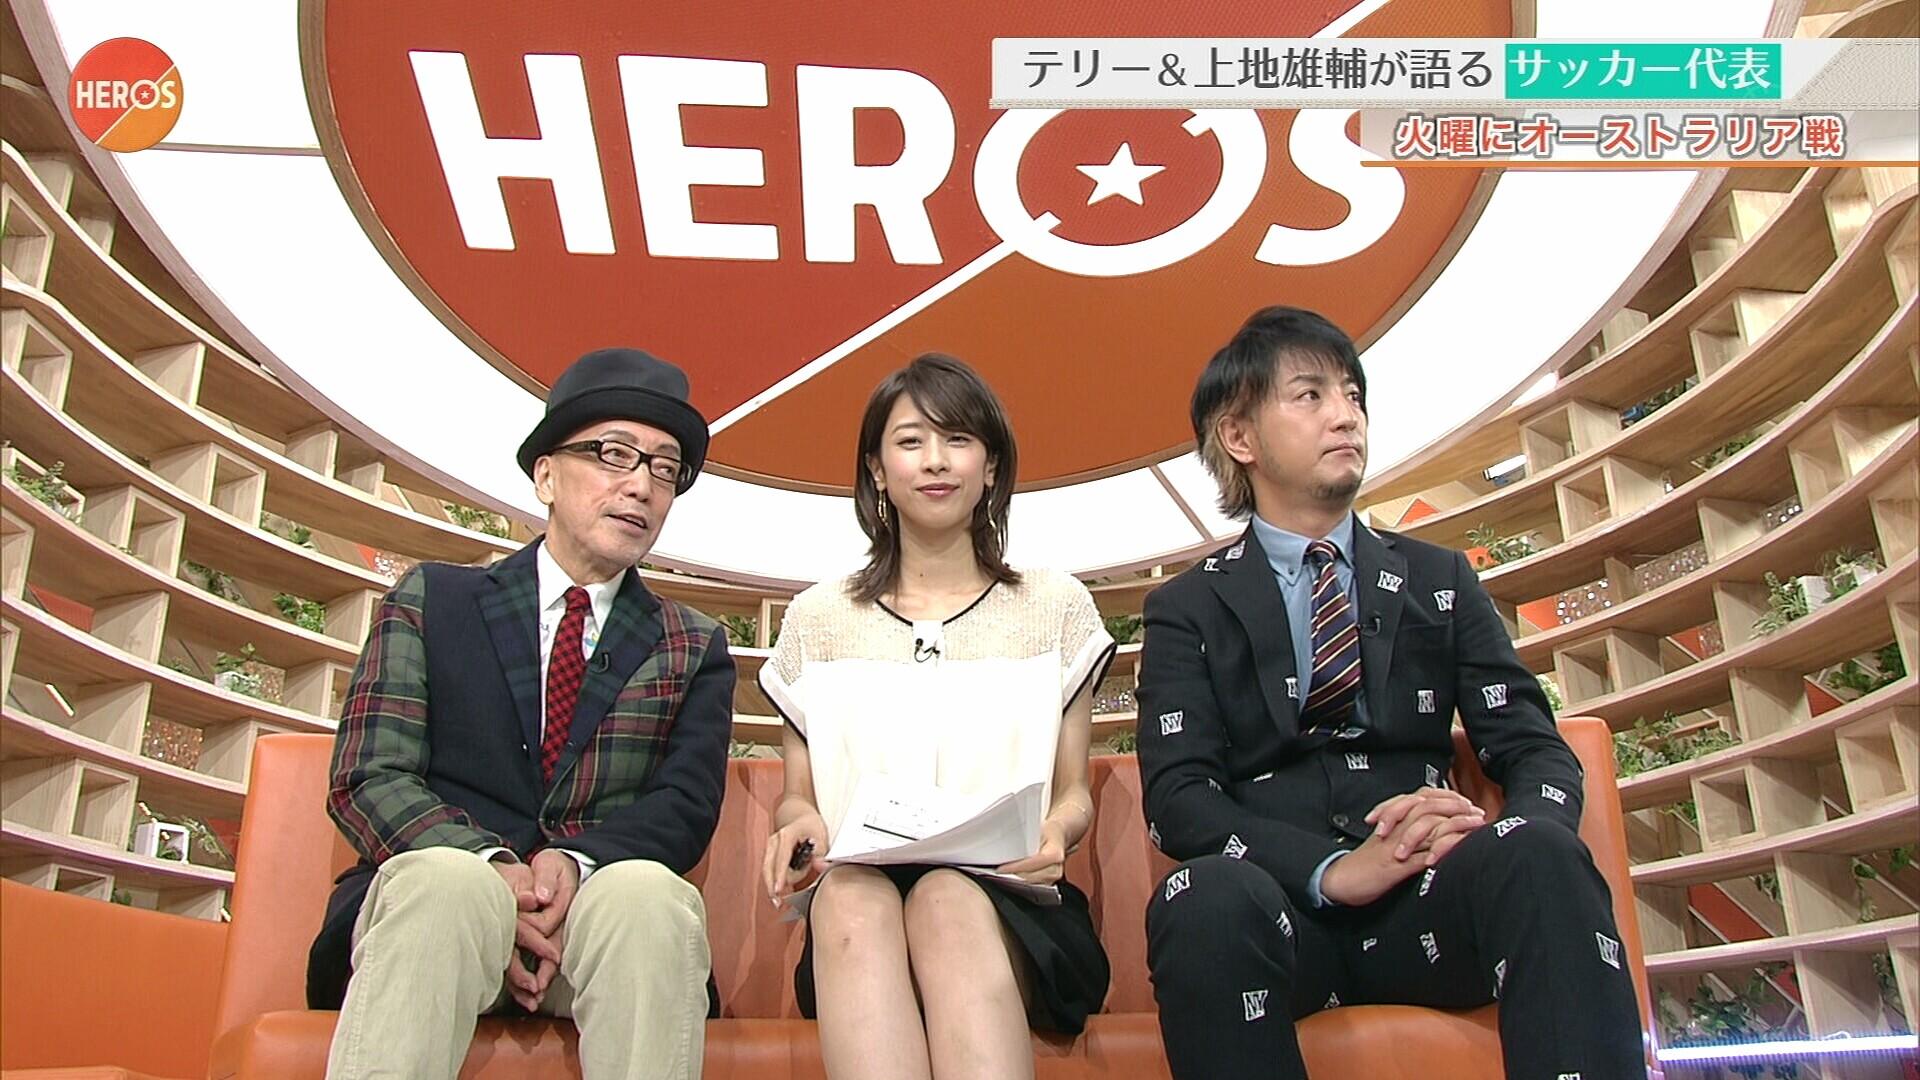 加藤綾子アナ 太ももをローアングルで撮られる☆☆wwwwwwwwwwww